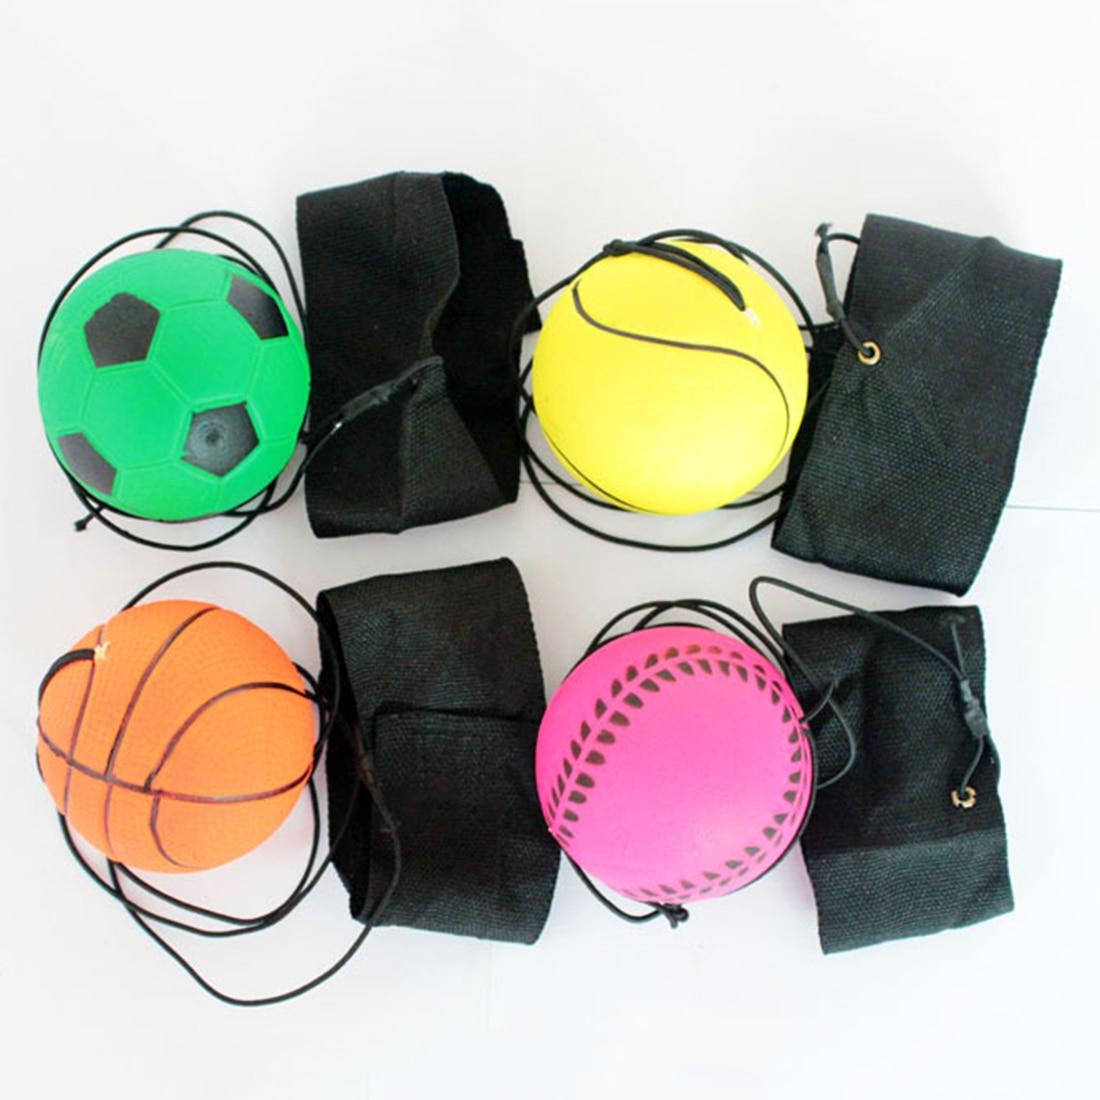 2017 neue 60mm federnd handgelenk band ball elastische gummi ball spielzeug für handgelenk übung brettspiel party spaß zufällige farbe